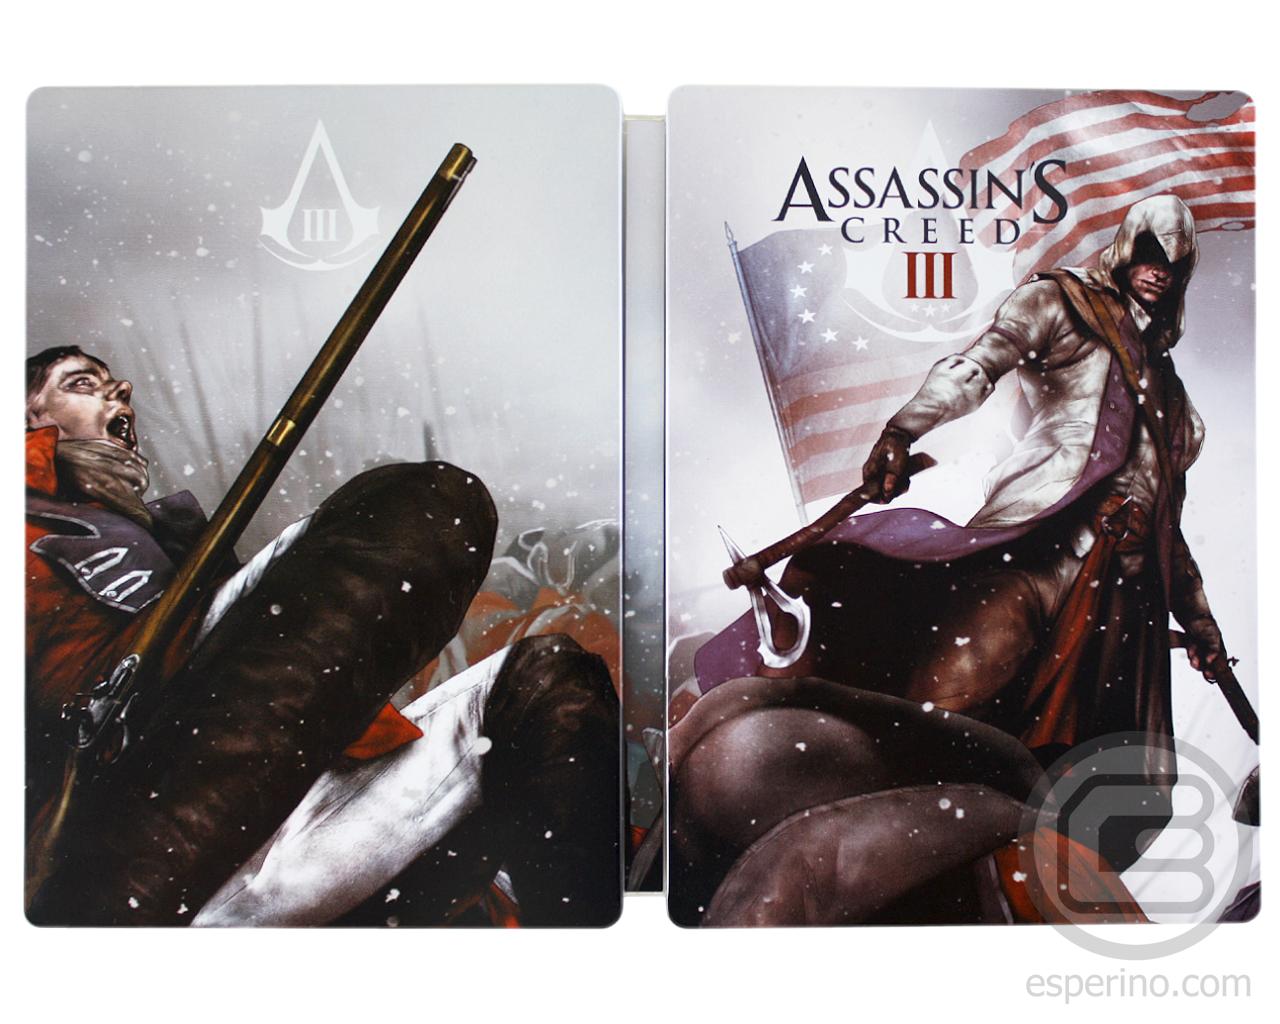 Assassin's Creed III Steelbook Unboxing